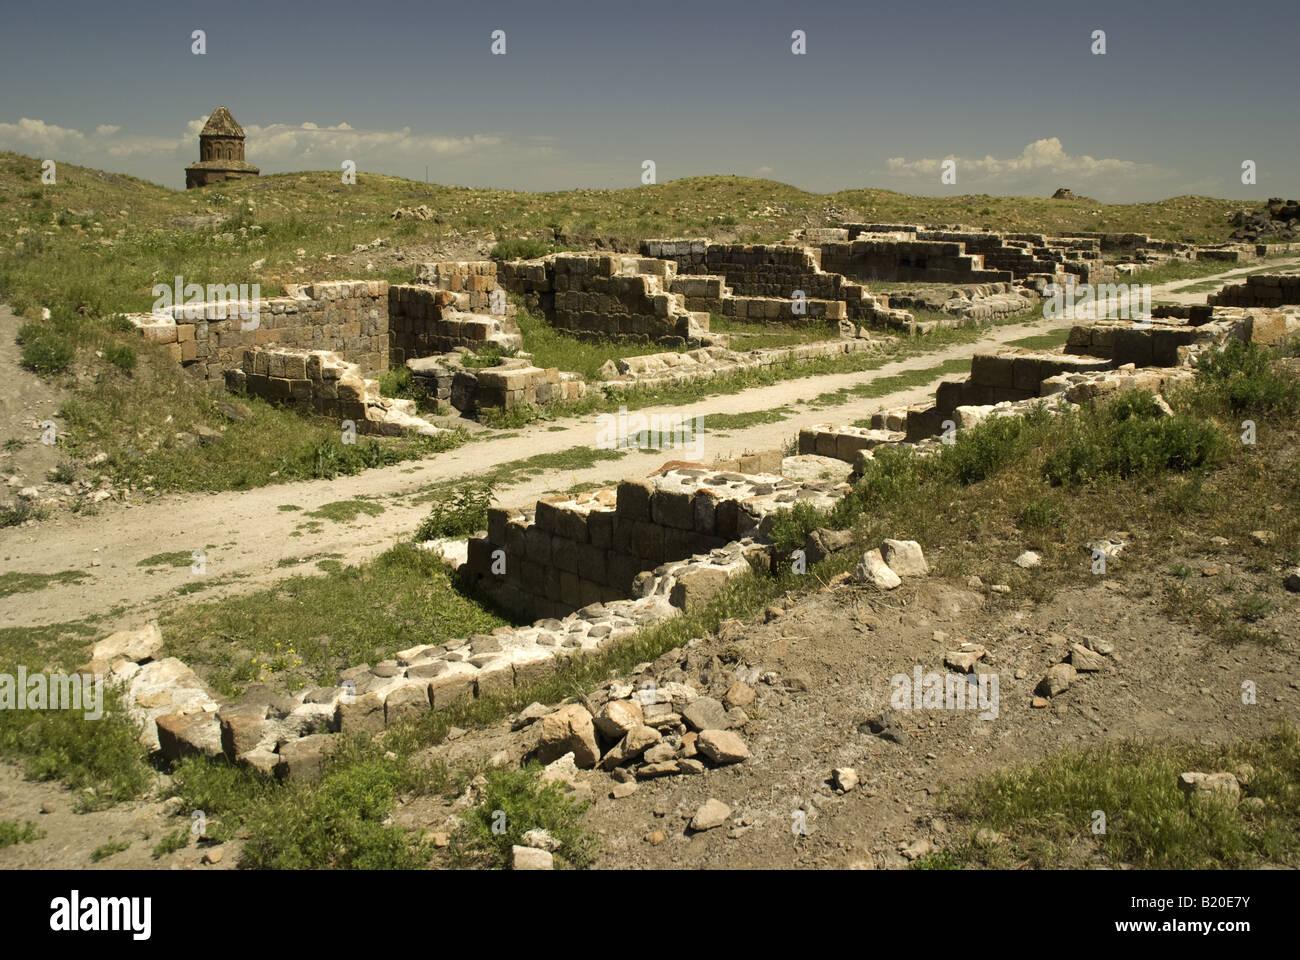 Continua a ser da rua de lojas em Ani, arruinou a capital do Reino Arménio, no leste da Turquia fronteira com Imagens de Stock